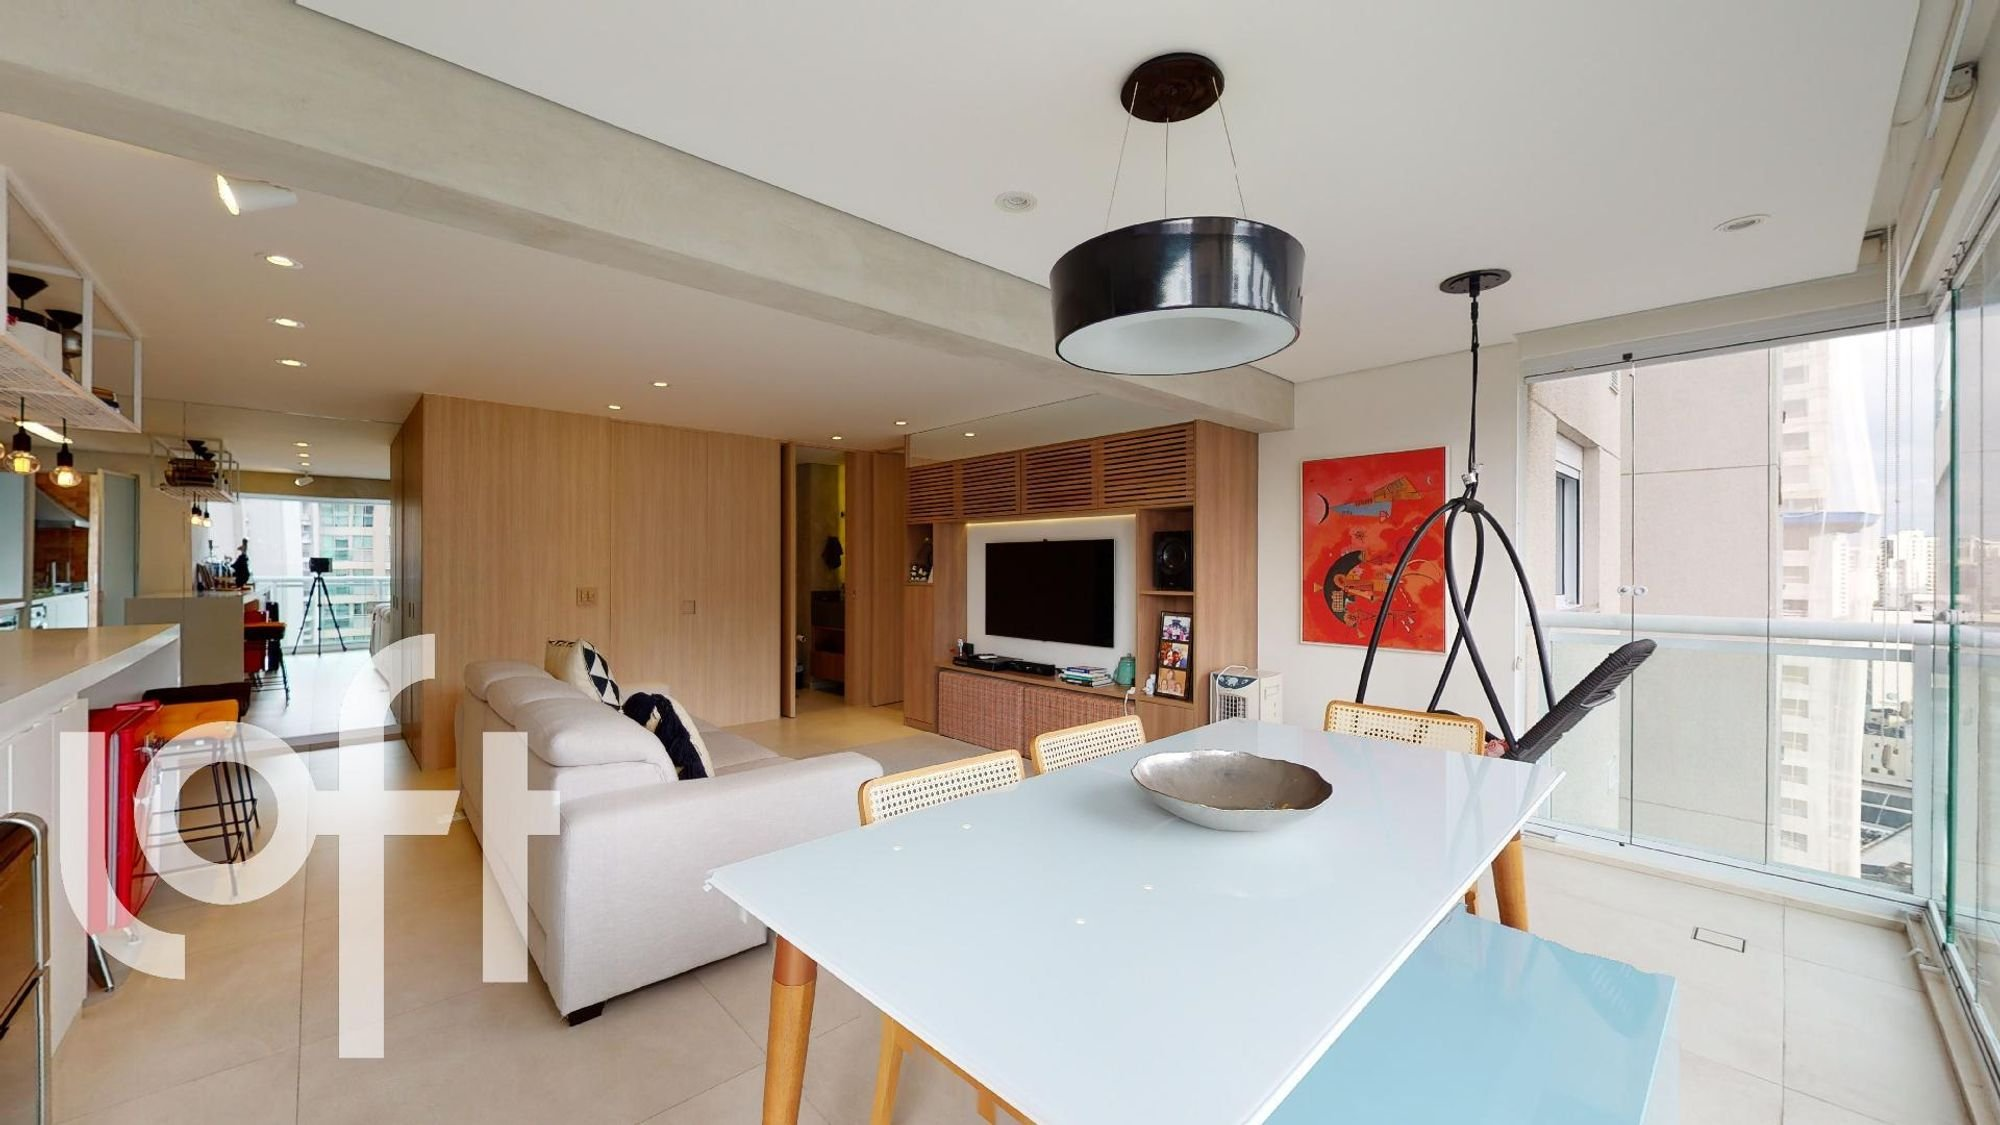 Foto de Sala com vaso de planta, sofá, televisão, tigela, cadeira